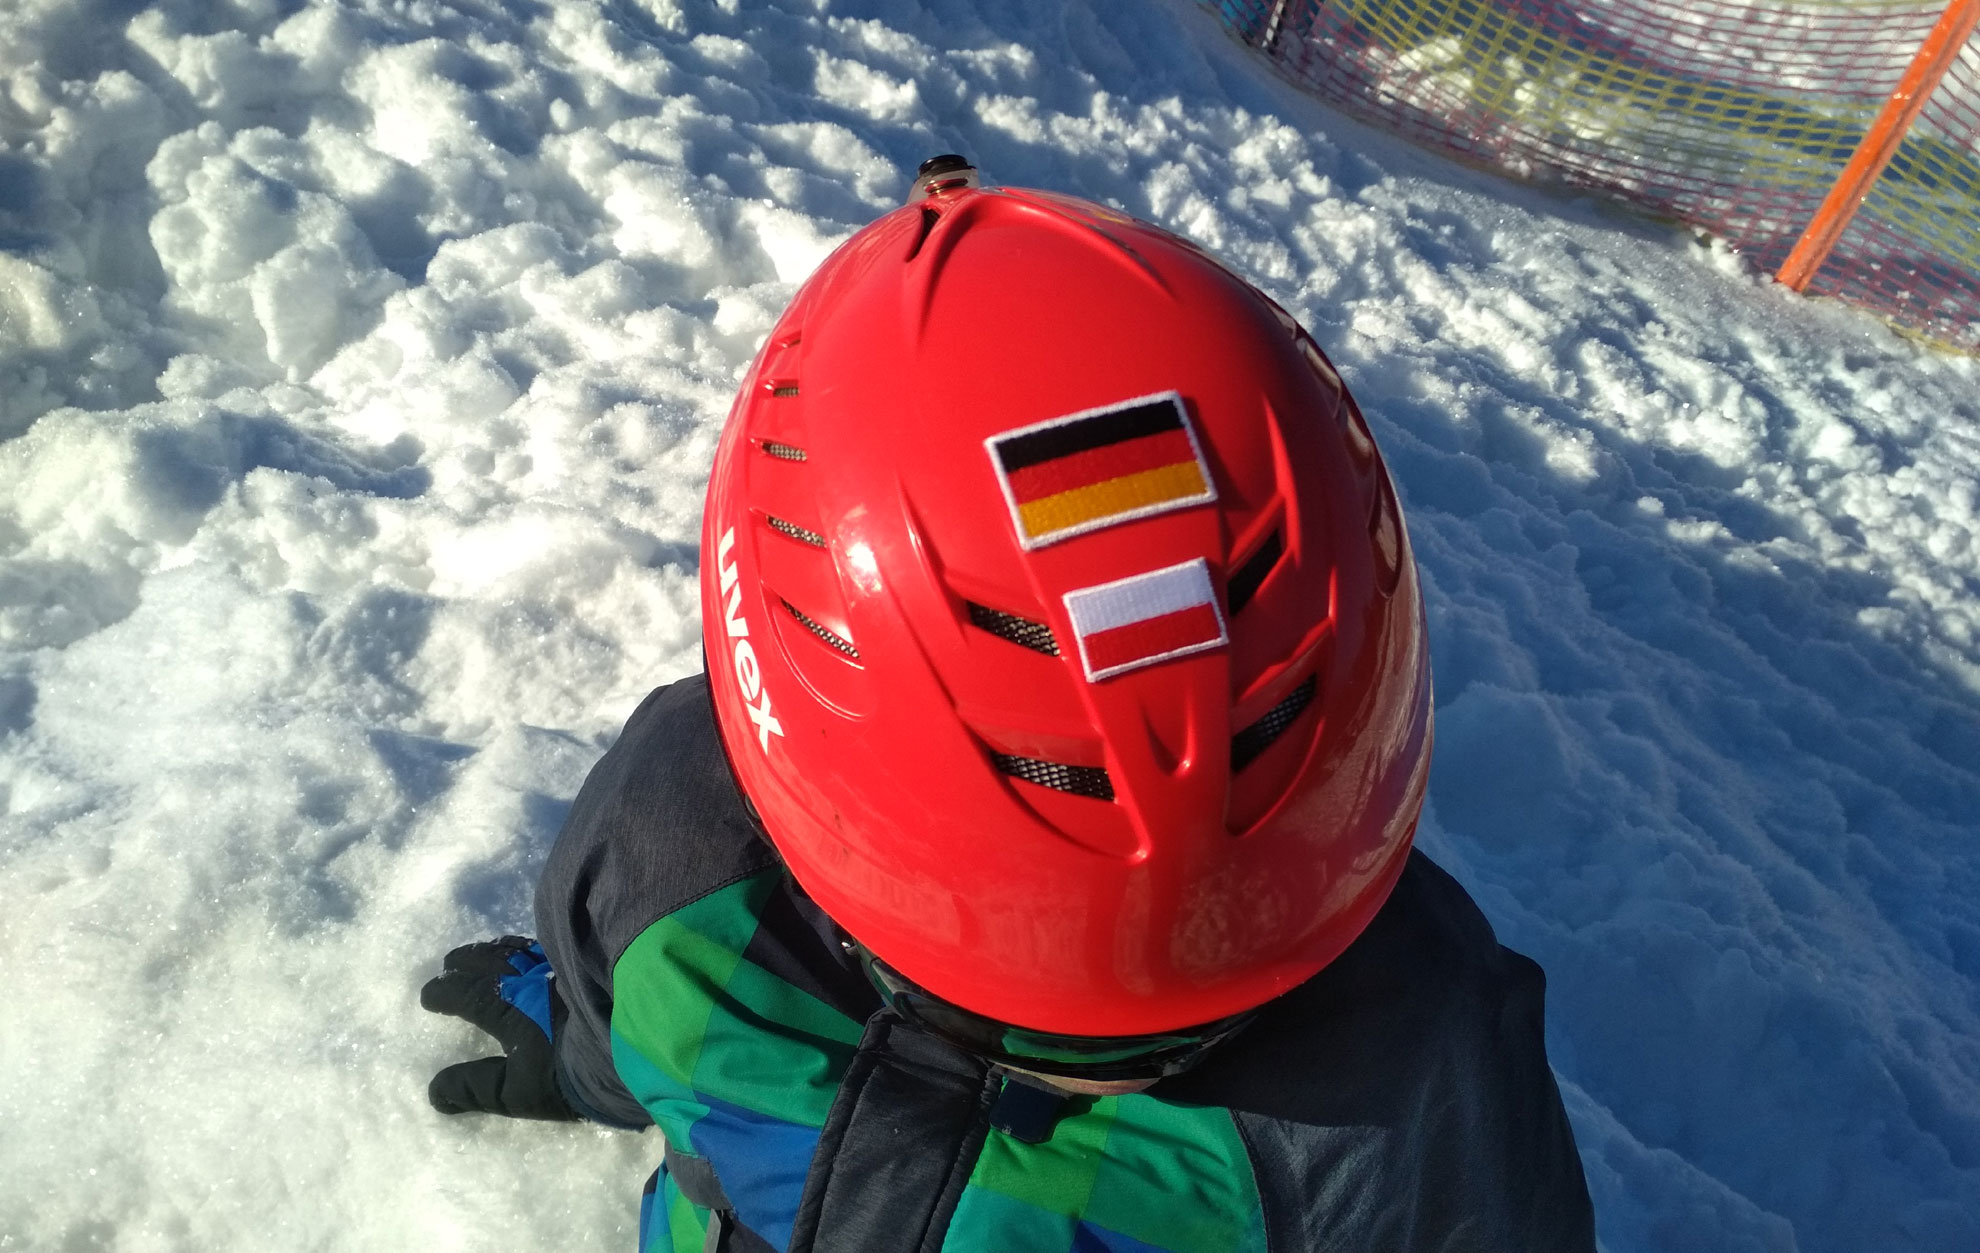 Kask narciarski z flagami Niemiec i Polski